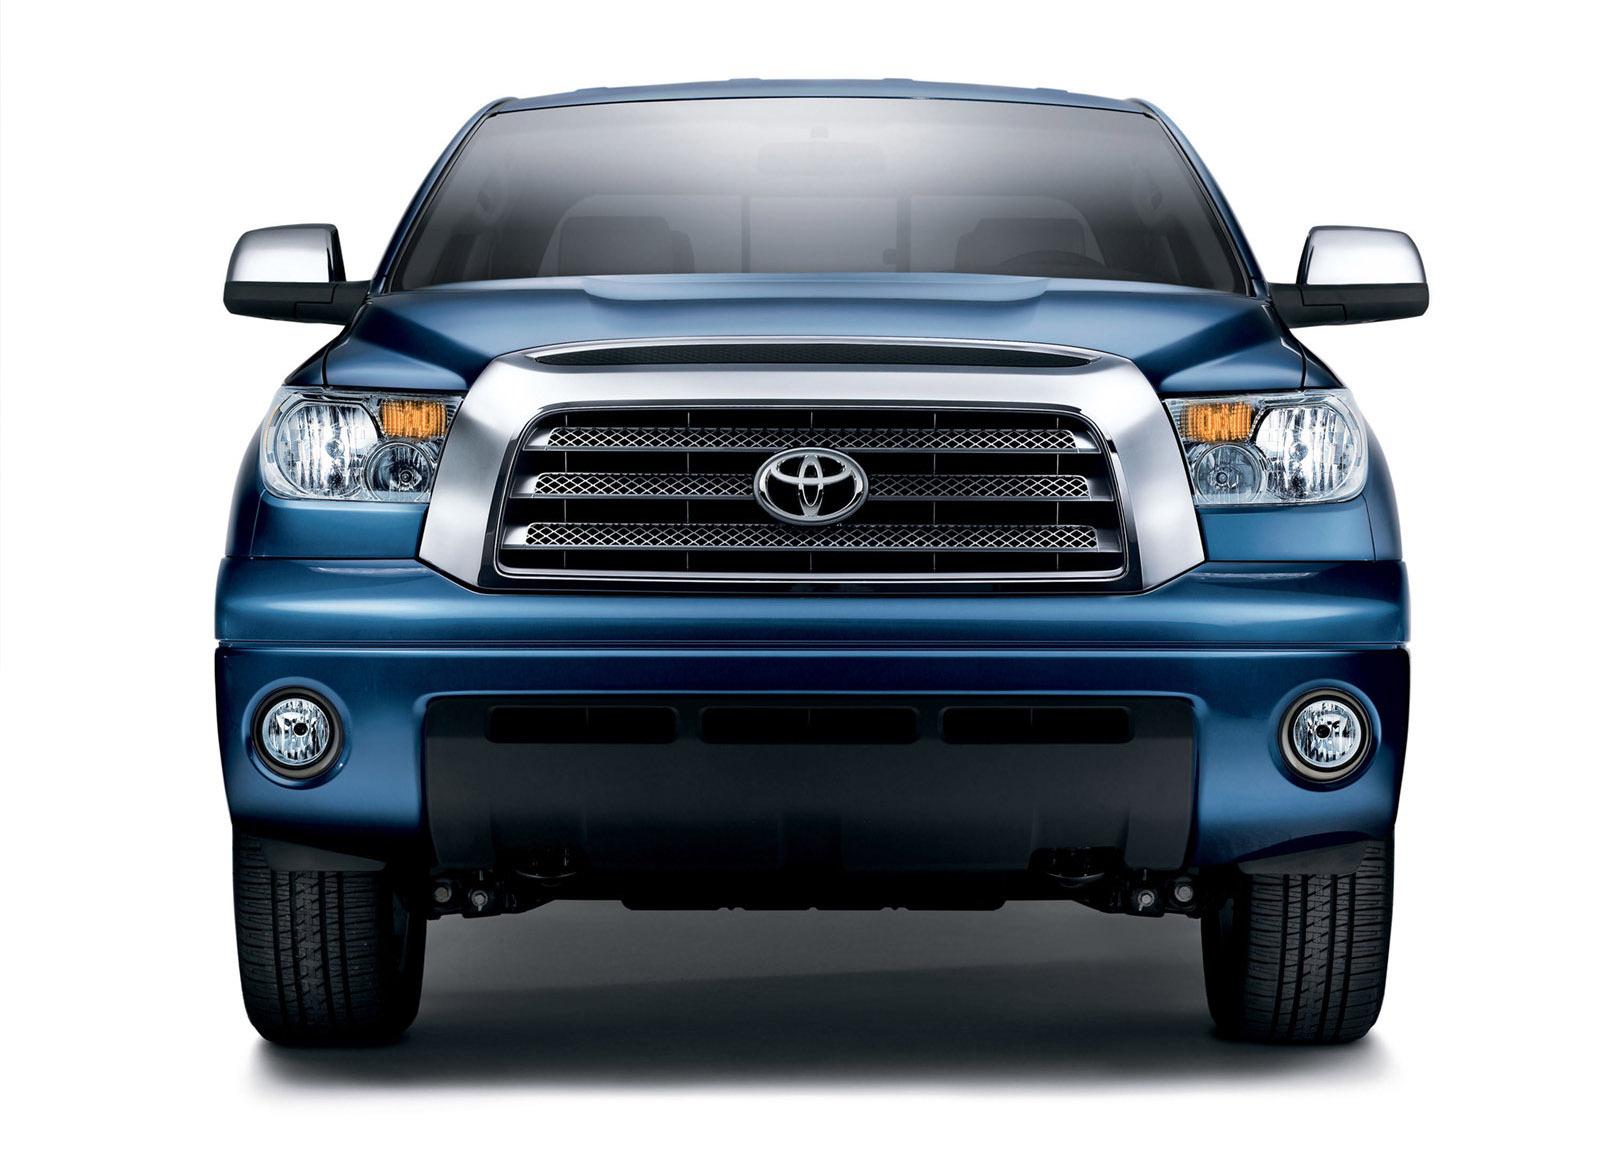 Toyota Tundra photo #1